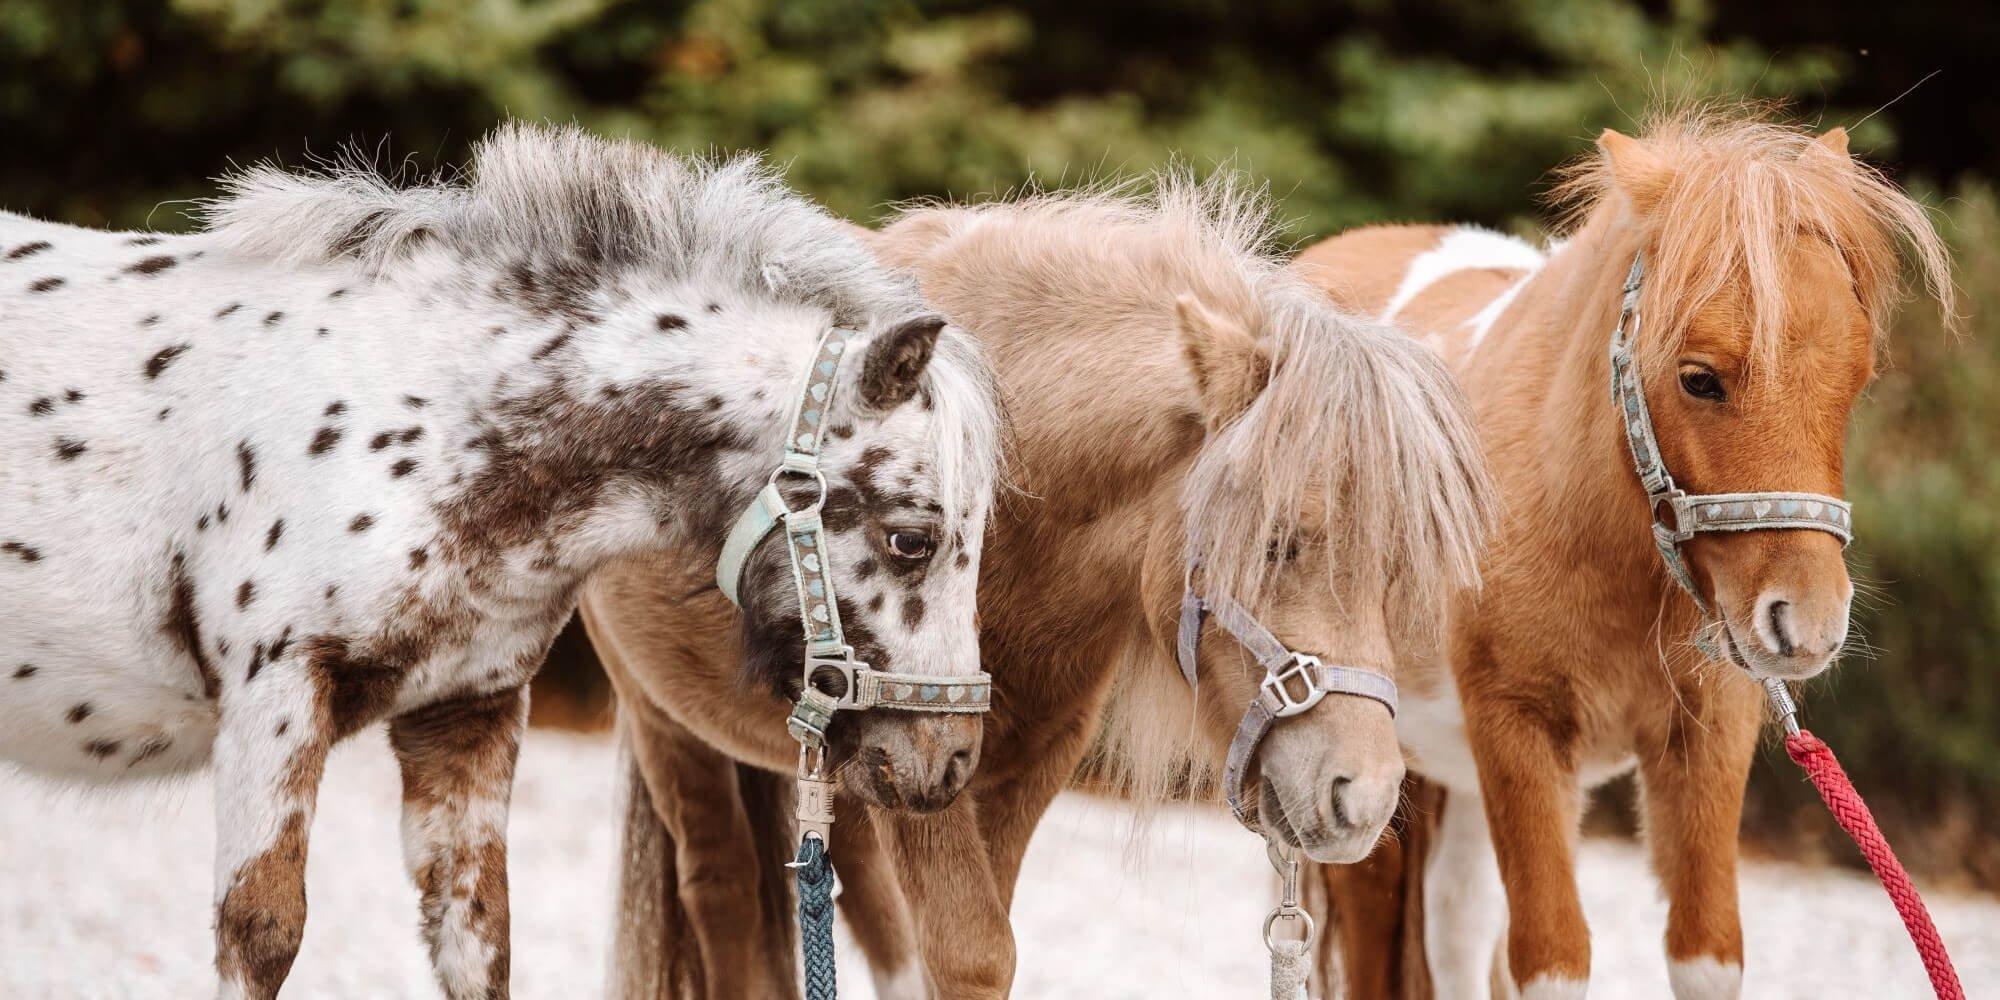 Fellfarben: Welche Pferdefarben gibt es?